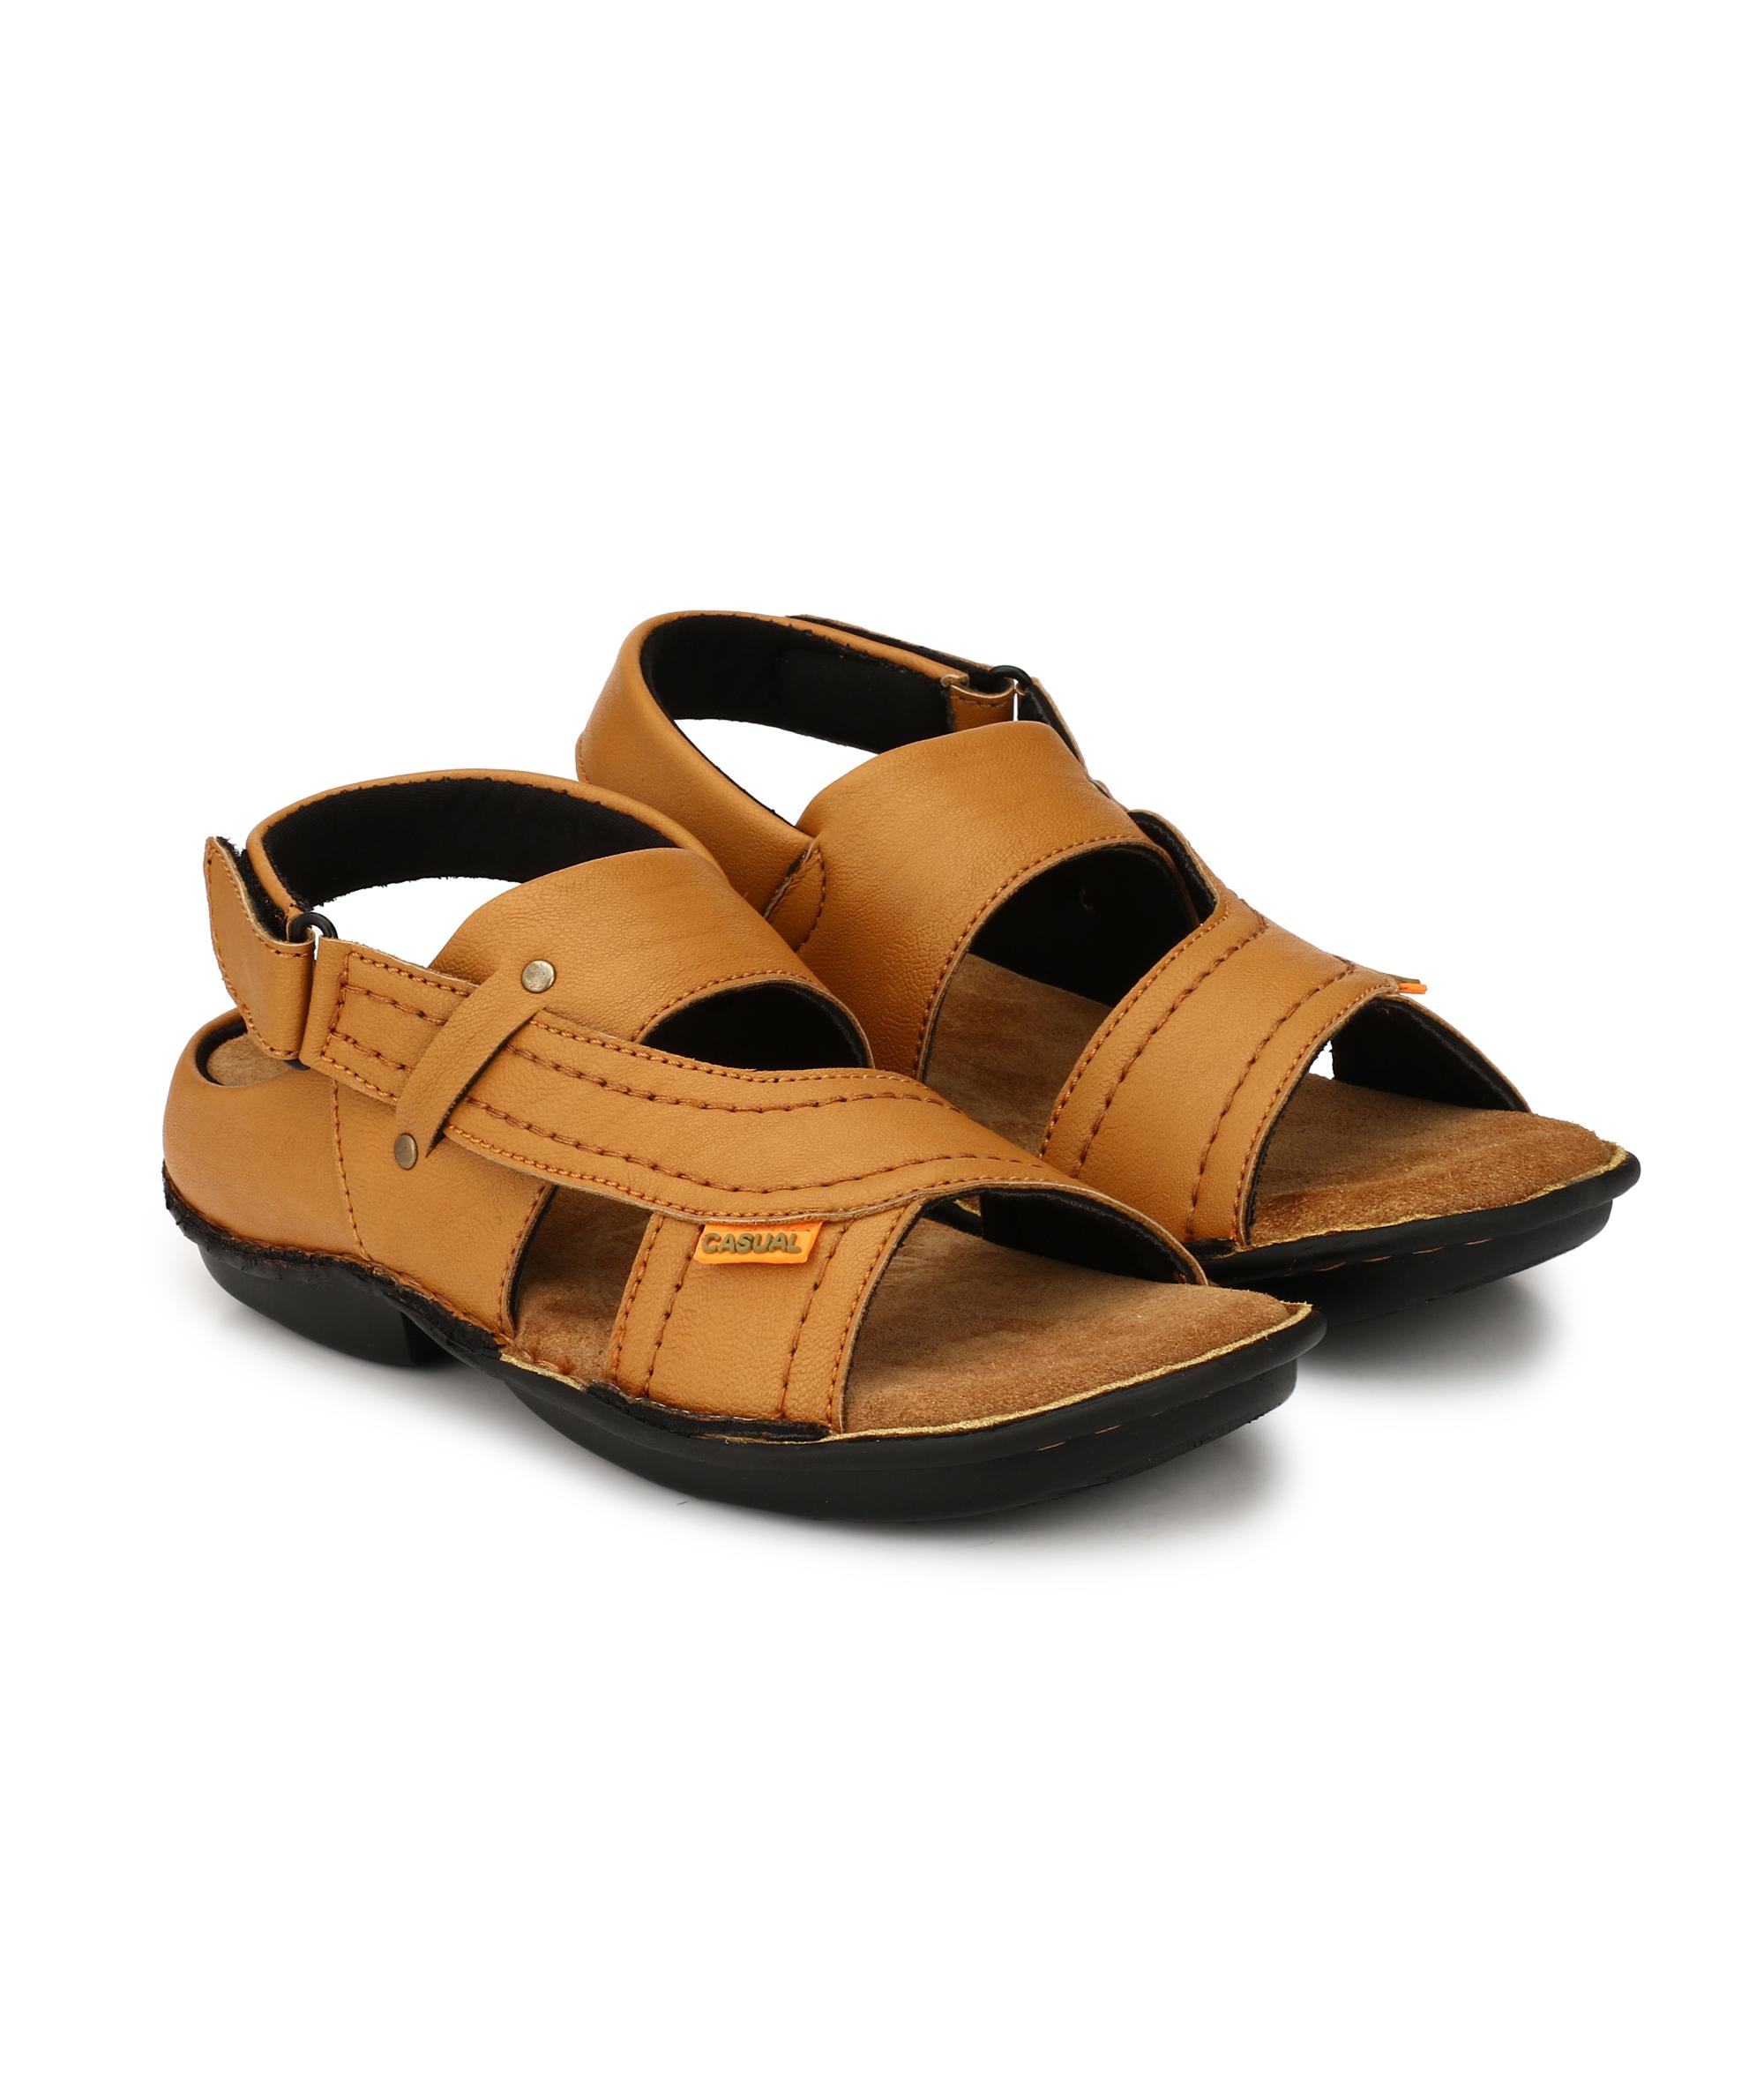 cbb509ac94db Drake Men s Tan Valcro Nubuck Leather Sandals